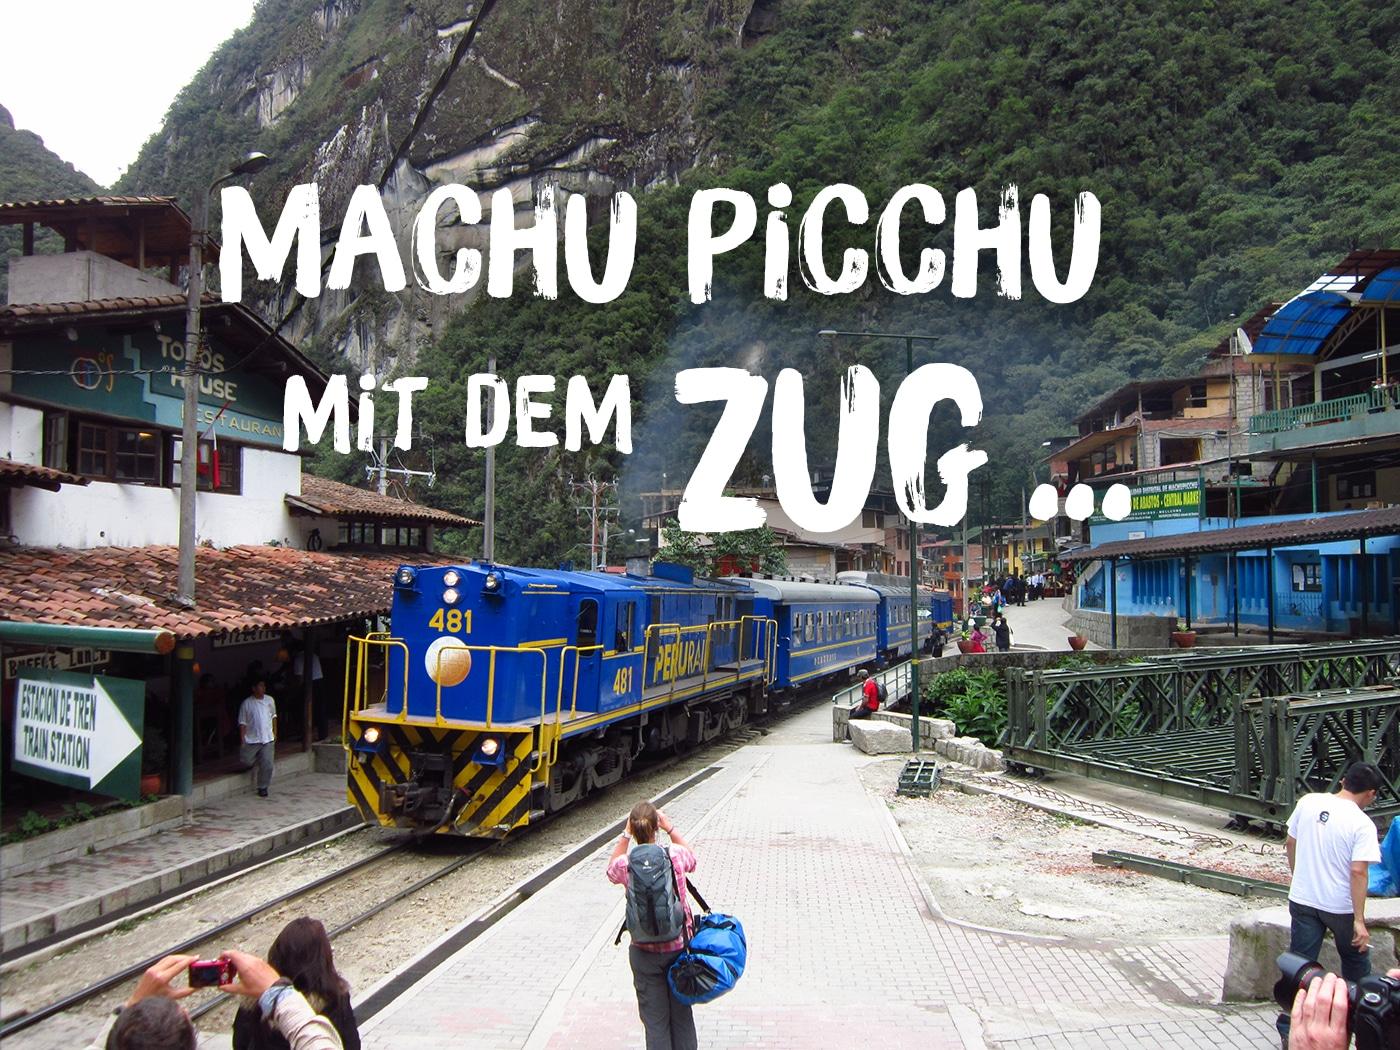 Machu Picchu Anreise: PeruRail vs Inca Rail